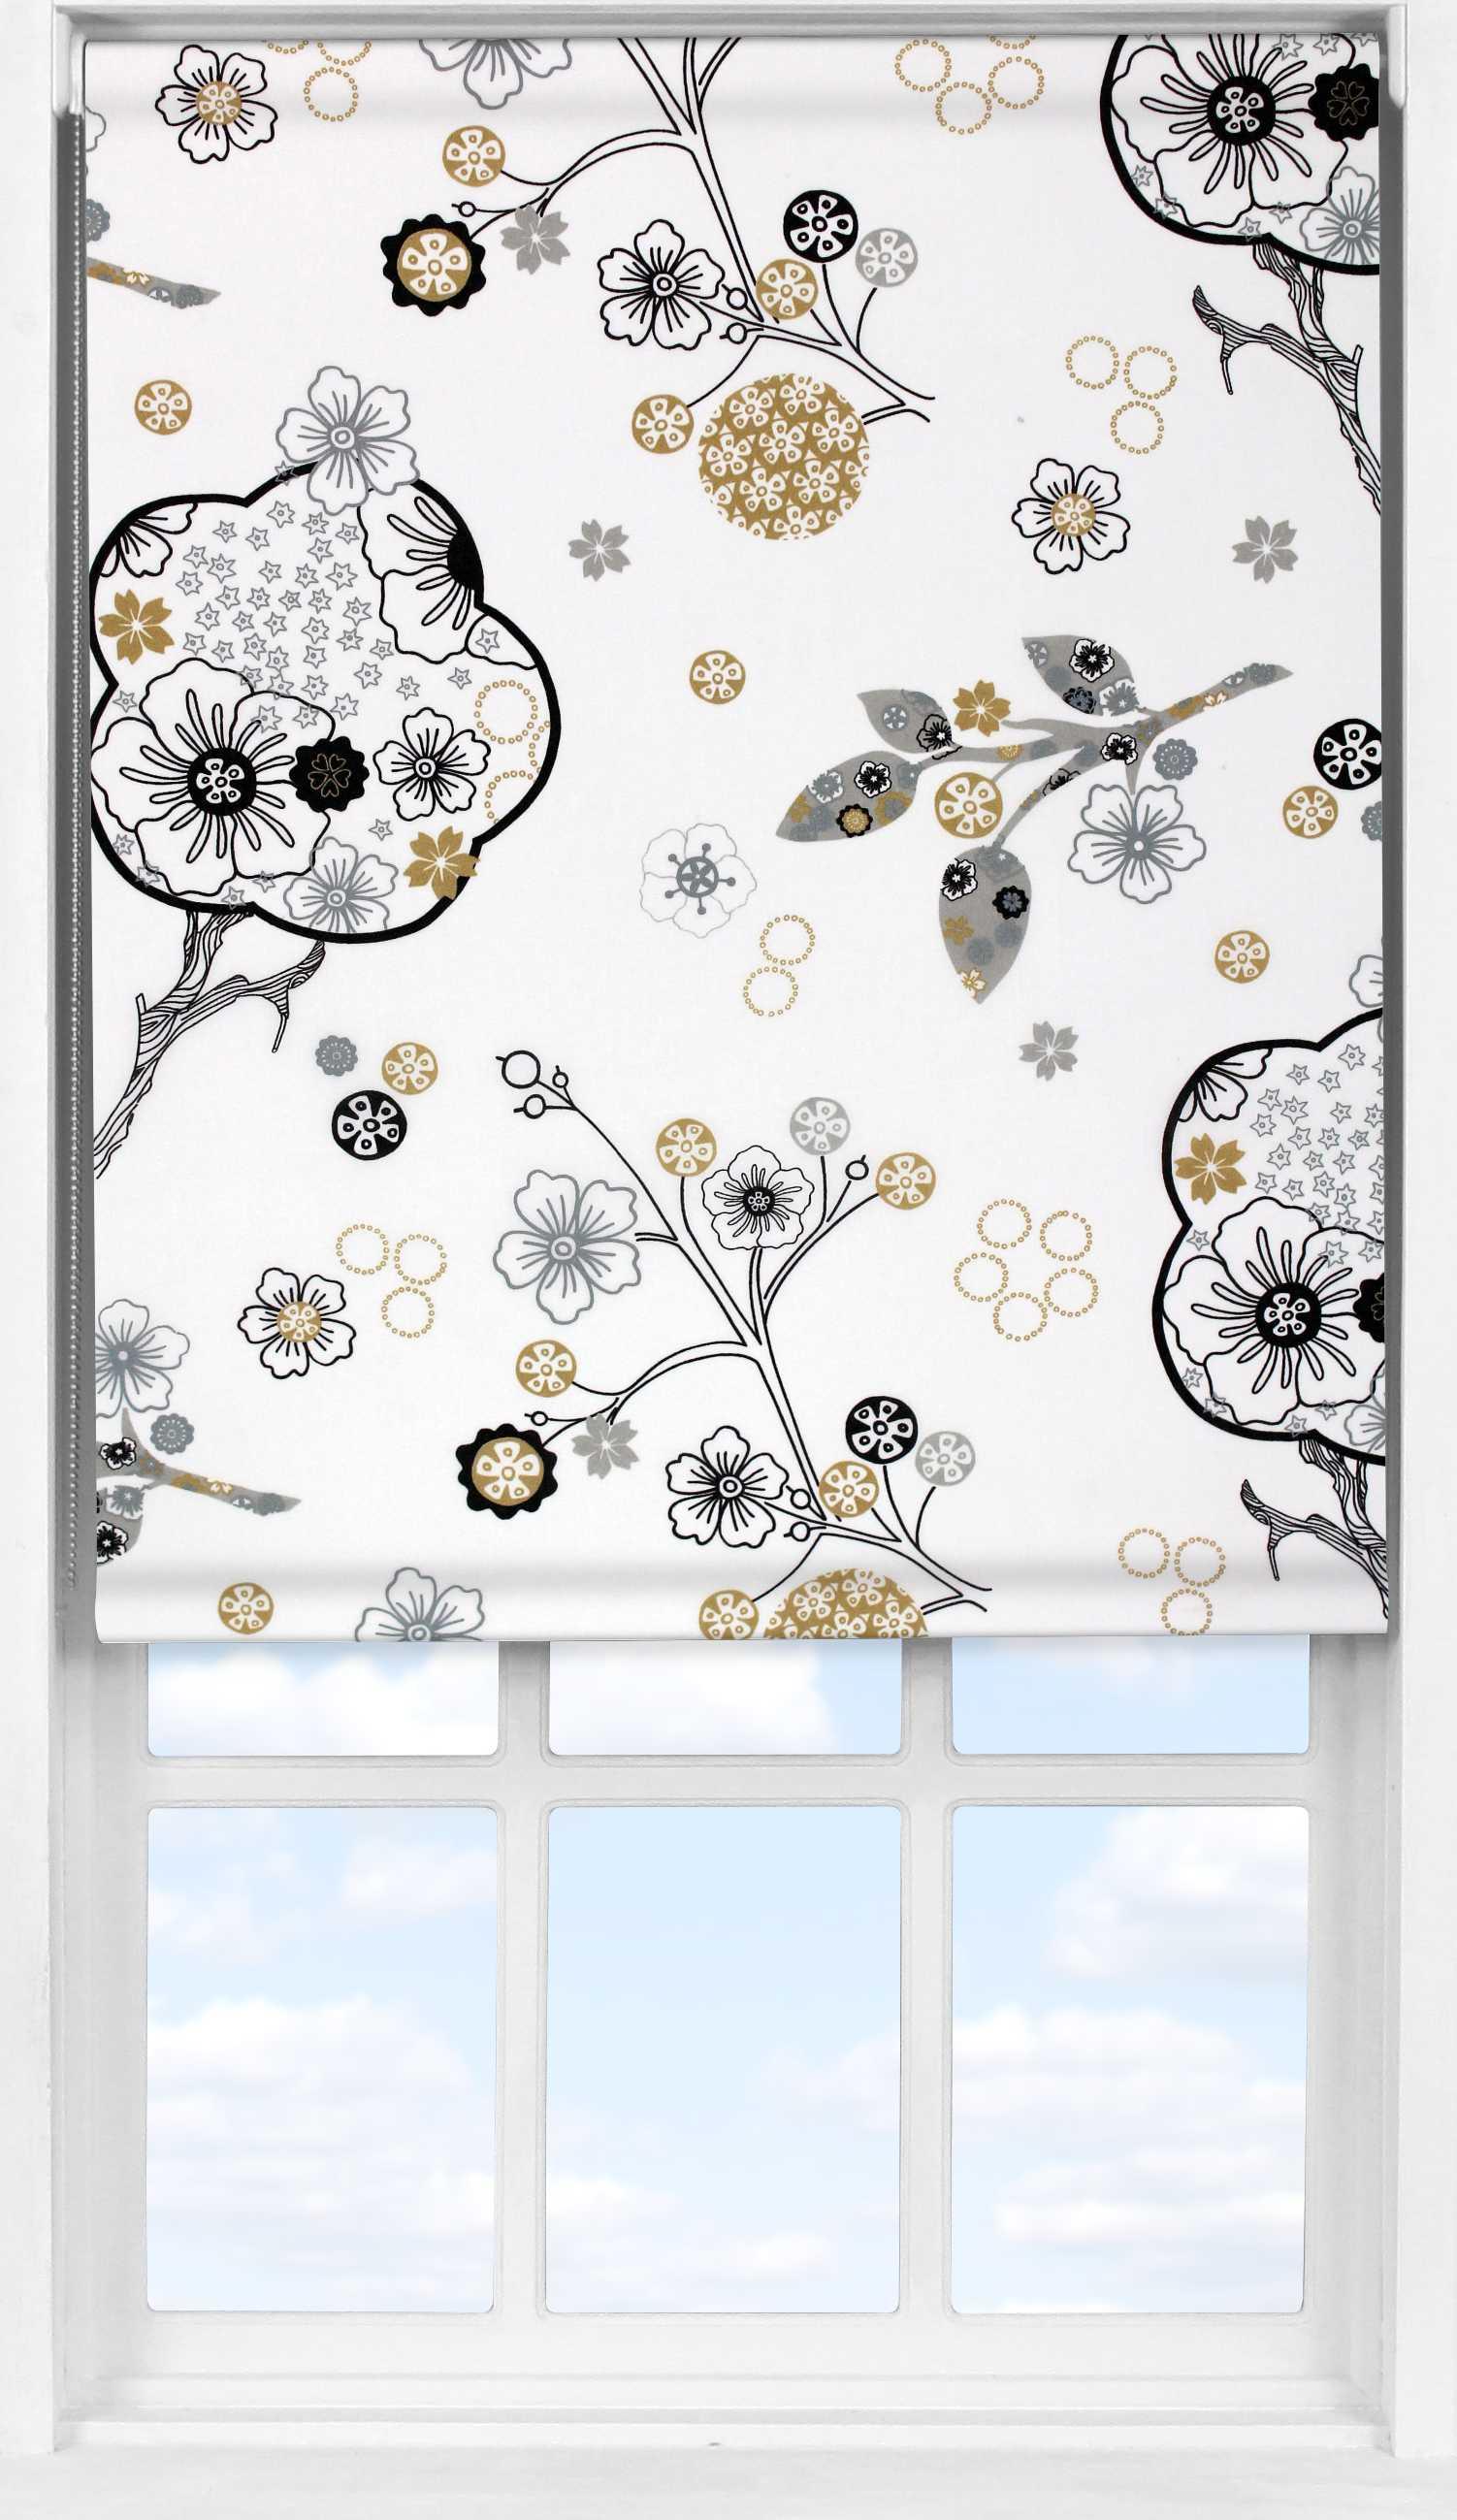 Easifit Roller Blind in Floral Cream Translucent